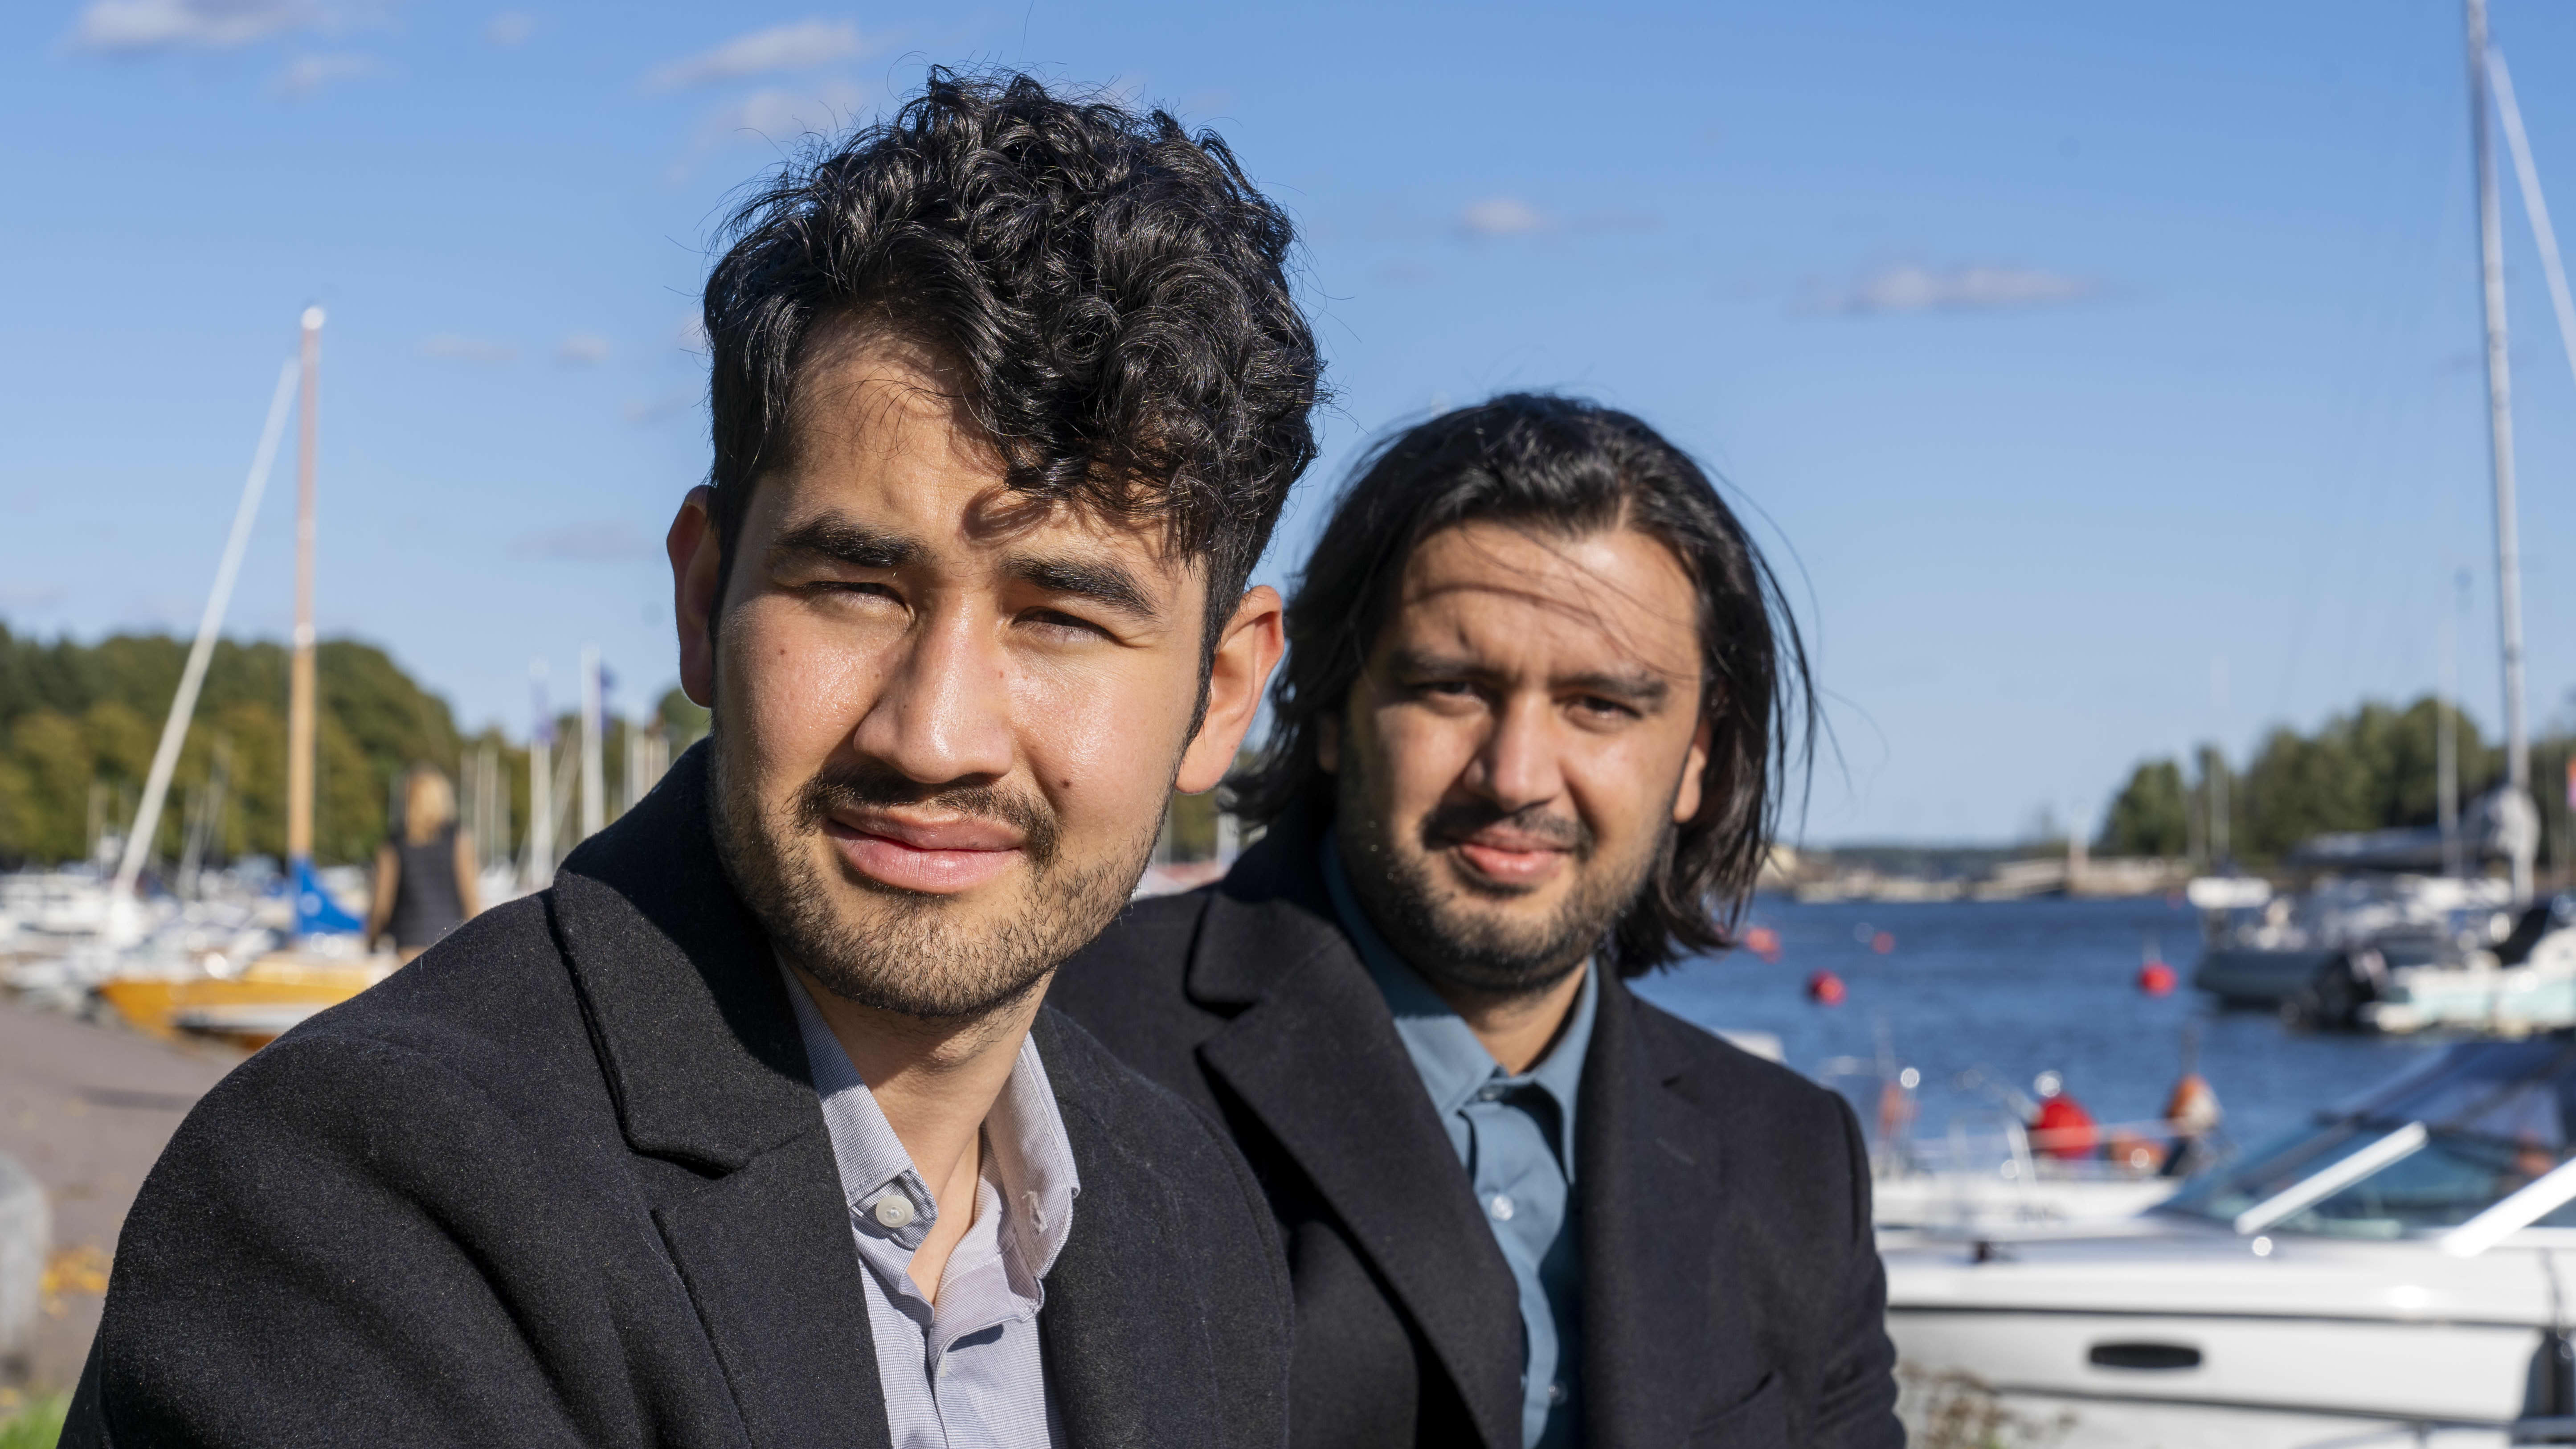 Afganistanilainen Mojtaba Qanzadeh, opiskelija ja Ershad Noorzai, filosofi, istuvat kaivarin rannassa, taustalla purjeveneet